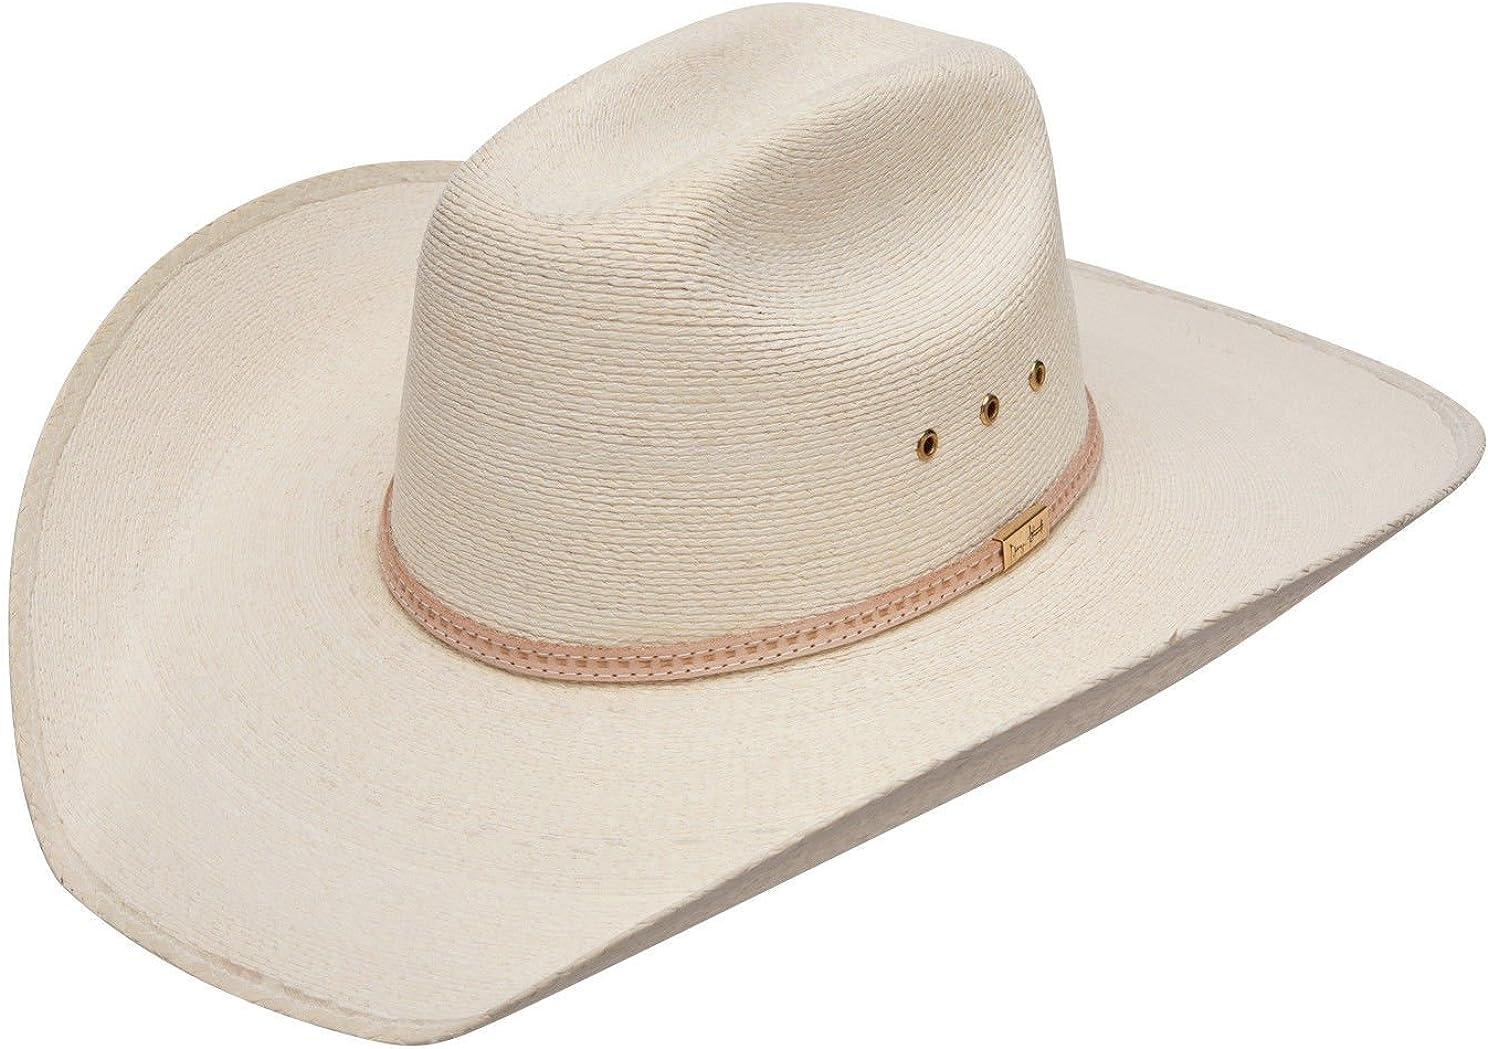 Resistol Centerline Straw Cowboy Hat George Strait Collection RSCTRL-8040